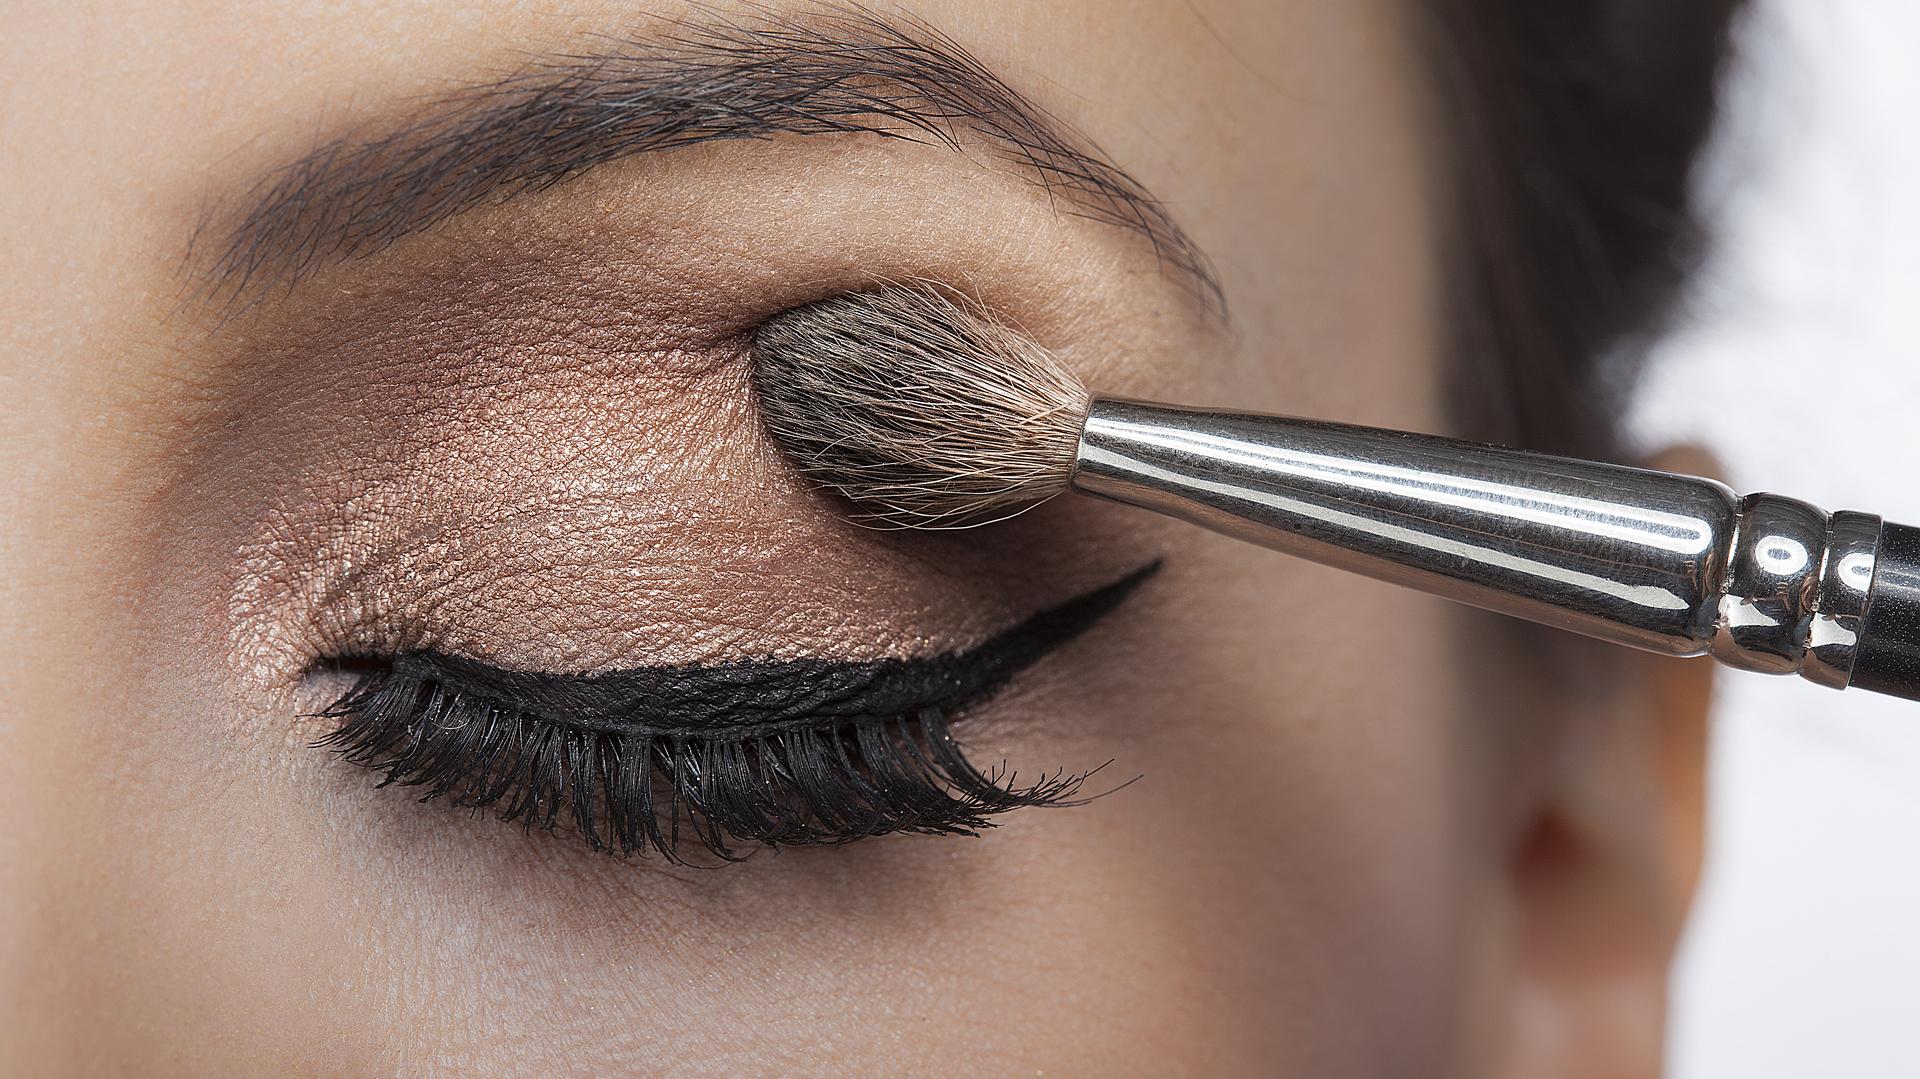 El maquillaje no realizado adecuadamente pone en riesgo la salud ocular (iStock)